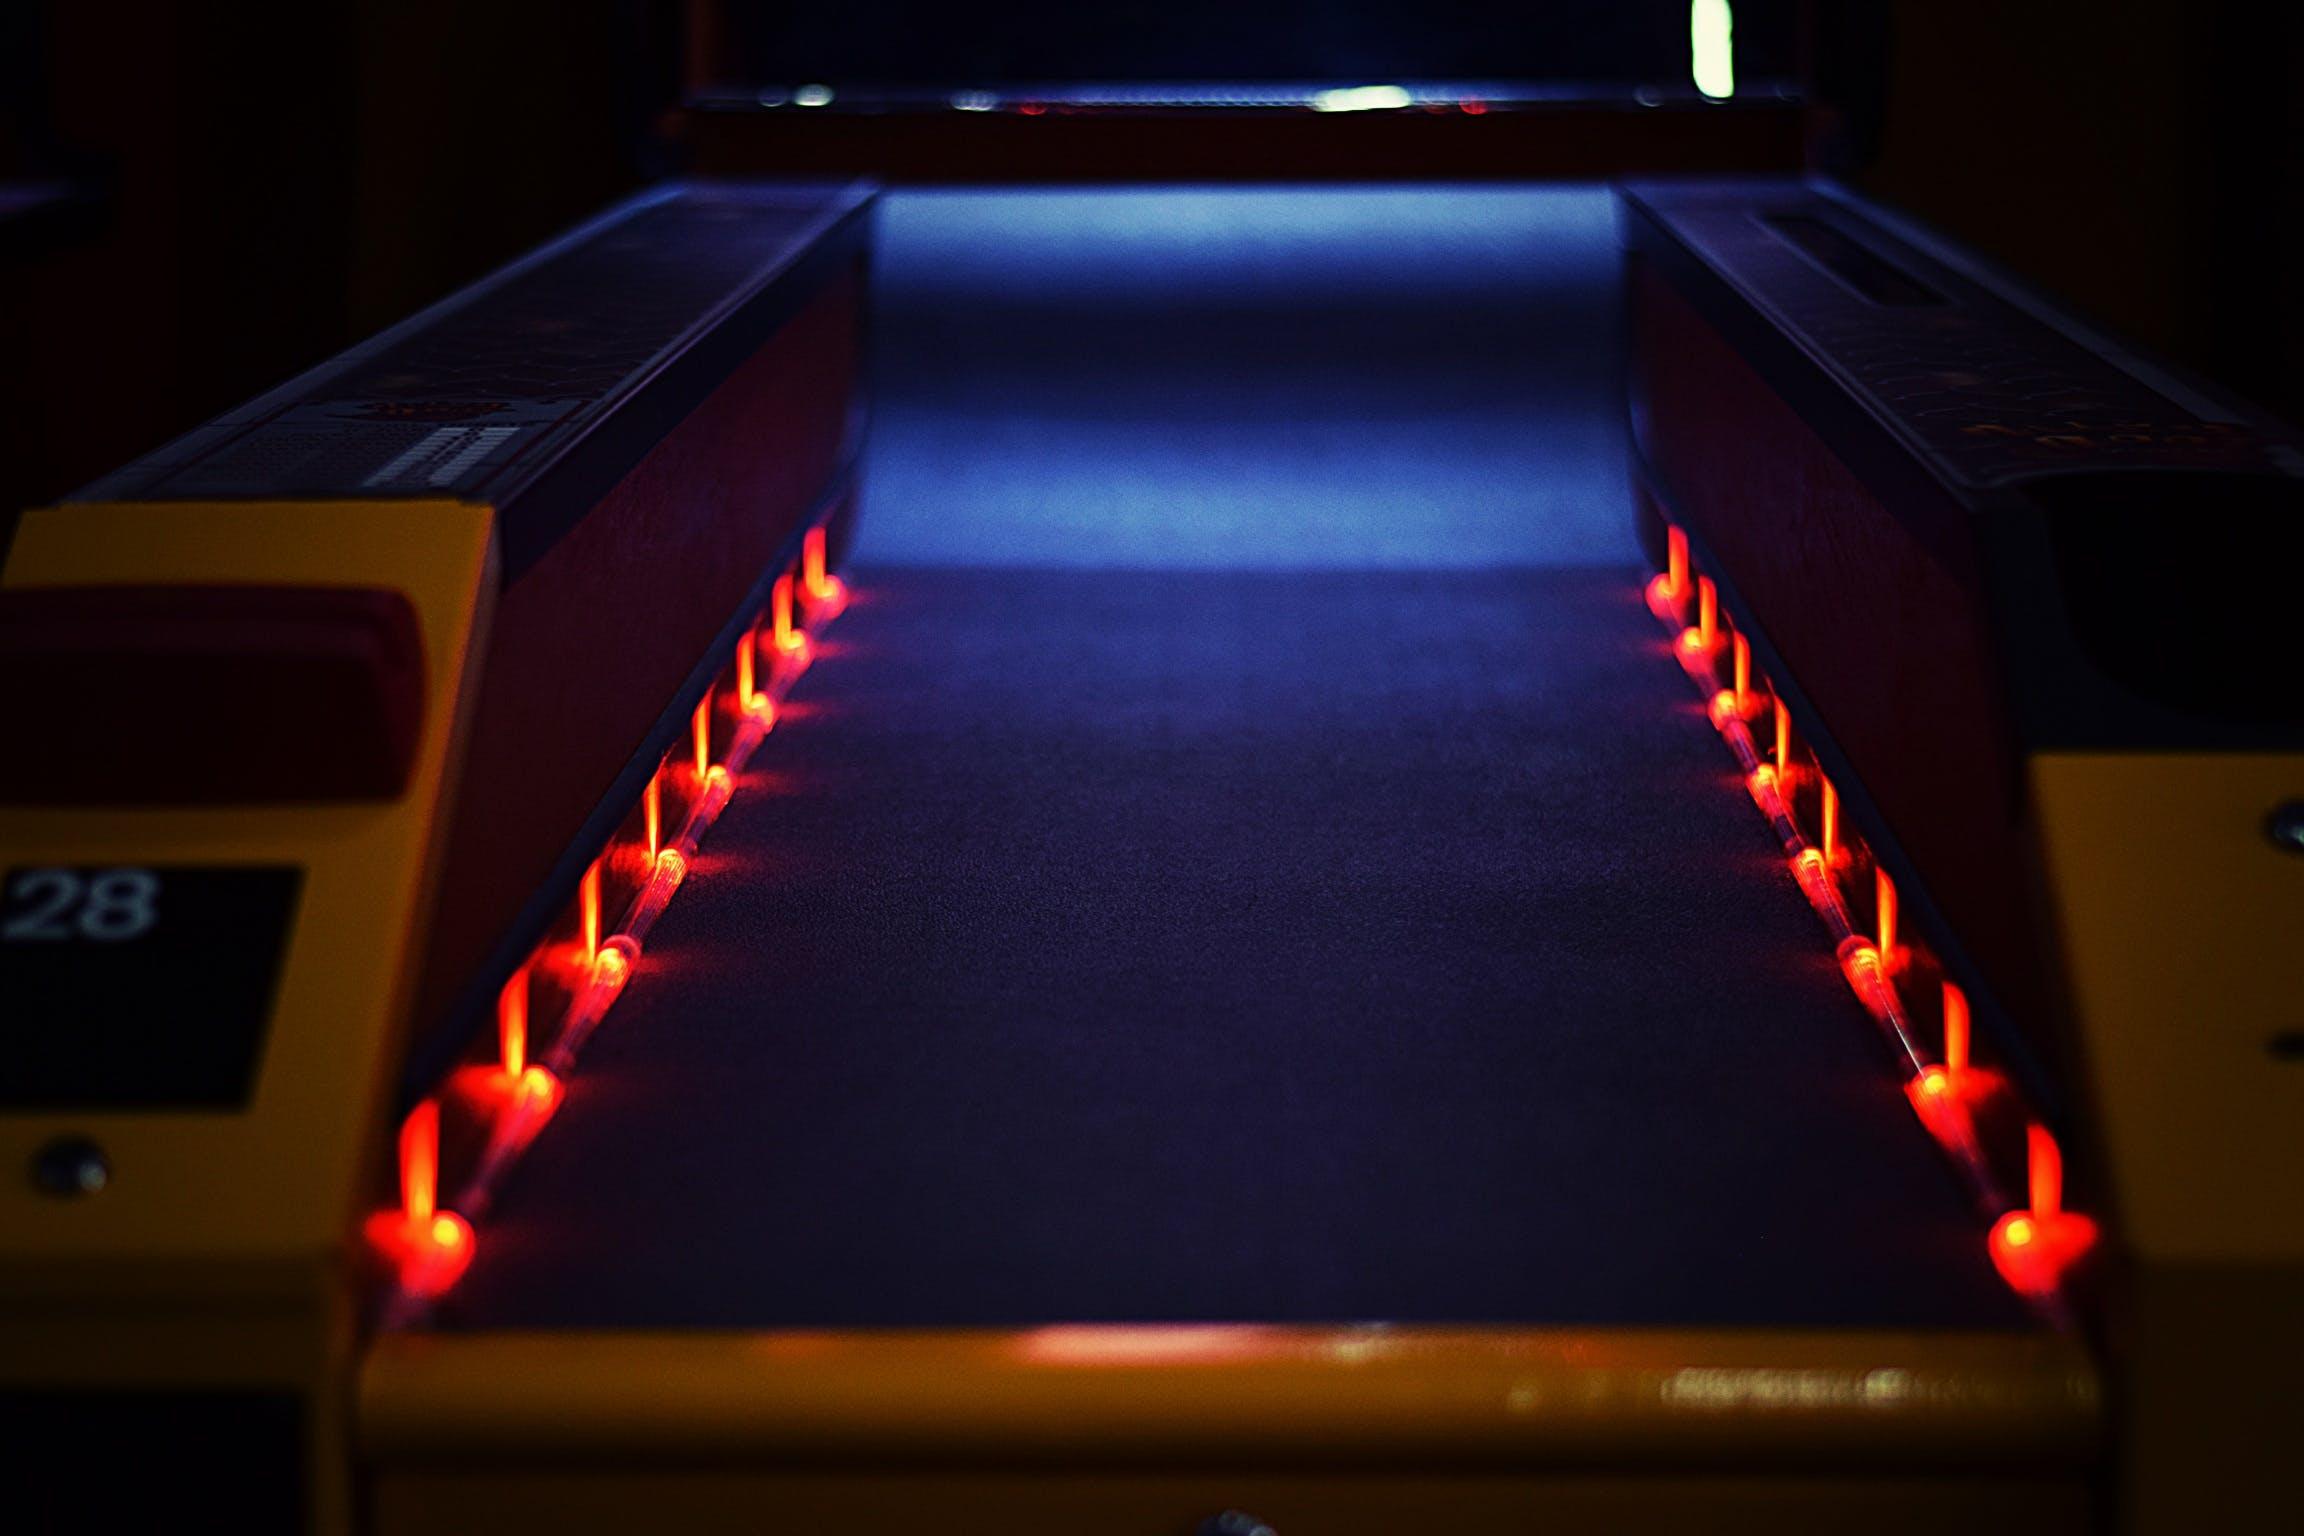 action, arcade, blur